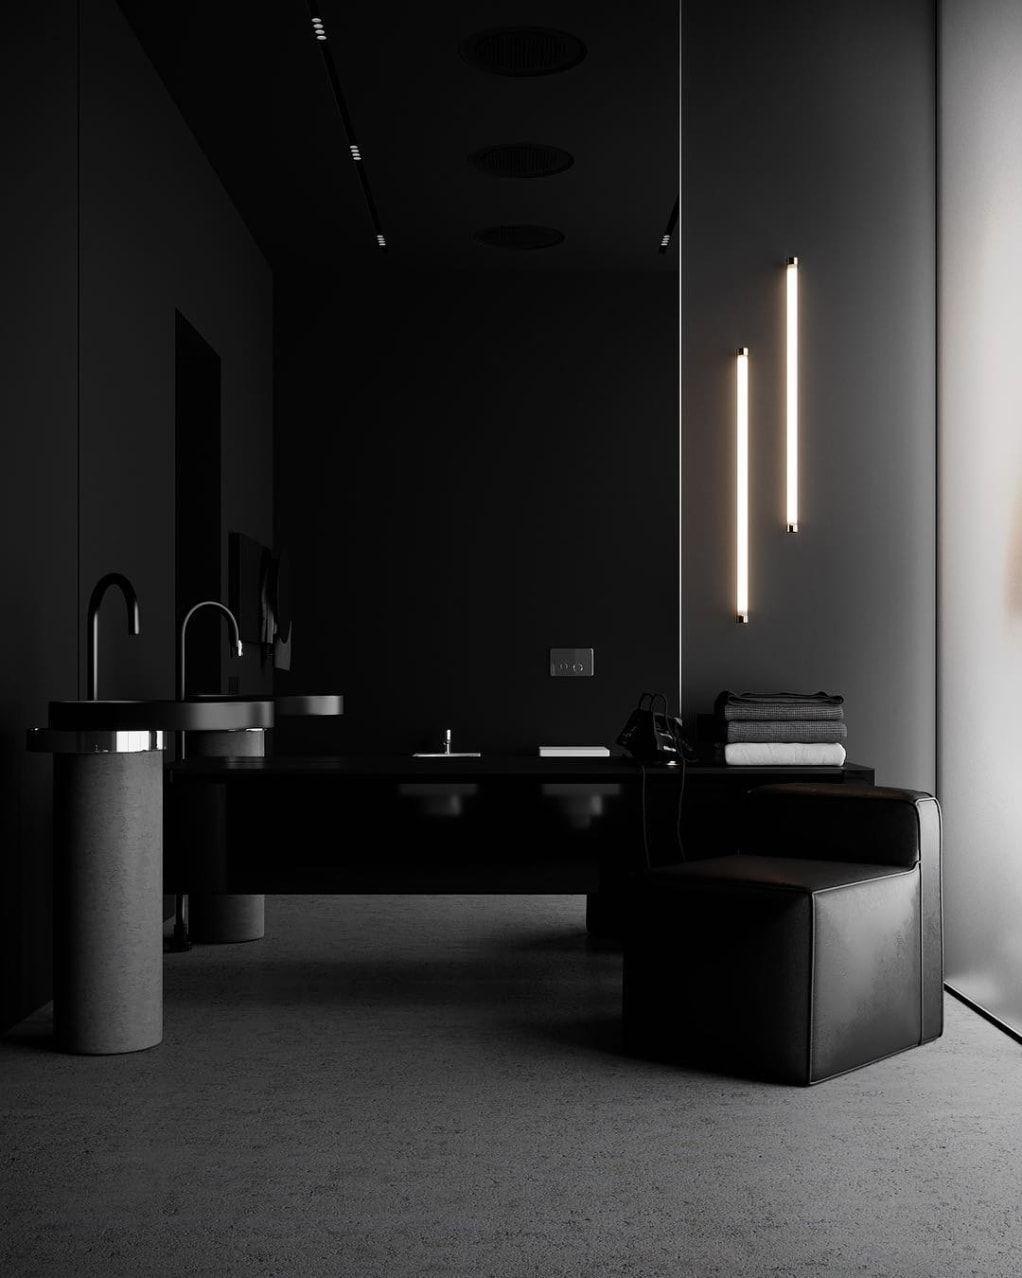 Minimal Interior Design Inspiration 192 Minimalism Interior Dark Interior Design Minimal Interior Design Black luxury minimalist room